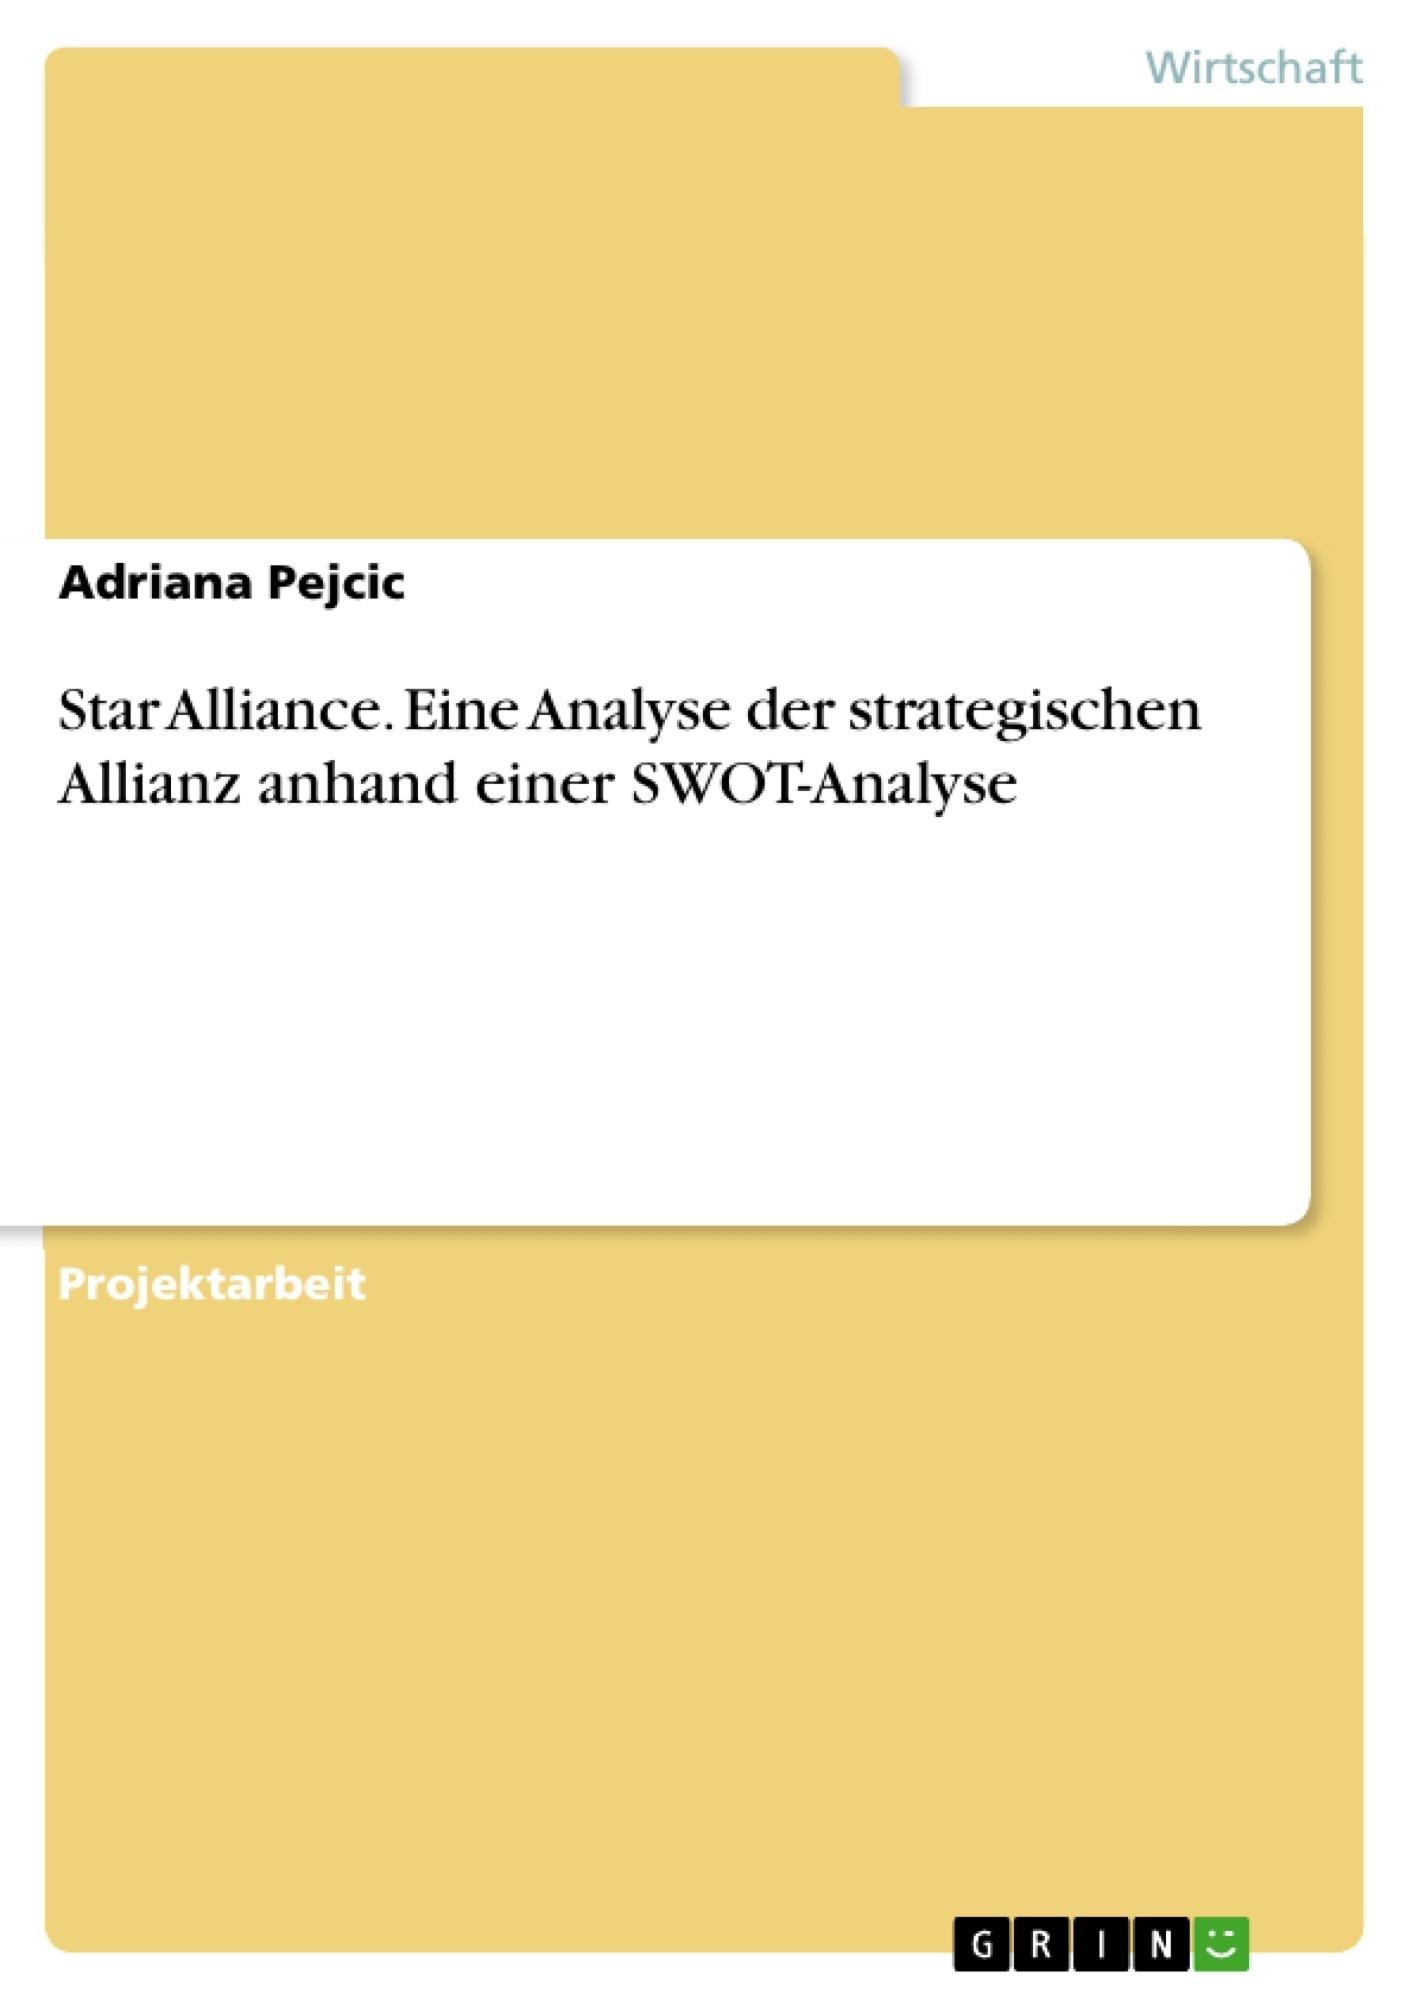 Titel: Star Alliance. Eine Analyse der strategischen Allianz anhand einer SWOT-Analyse